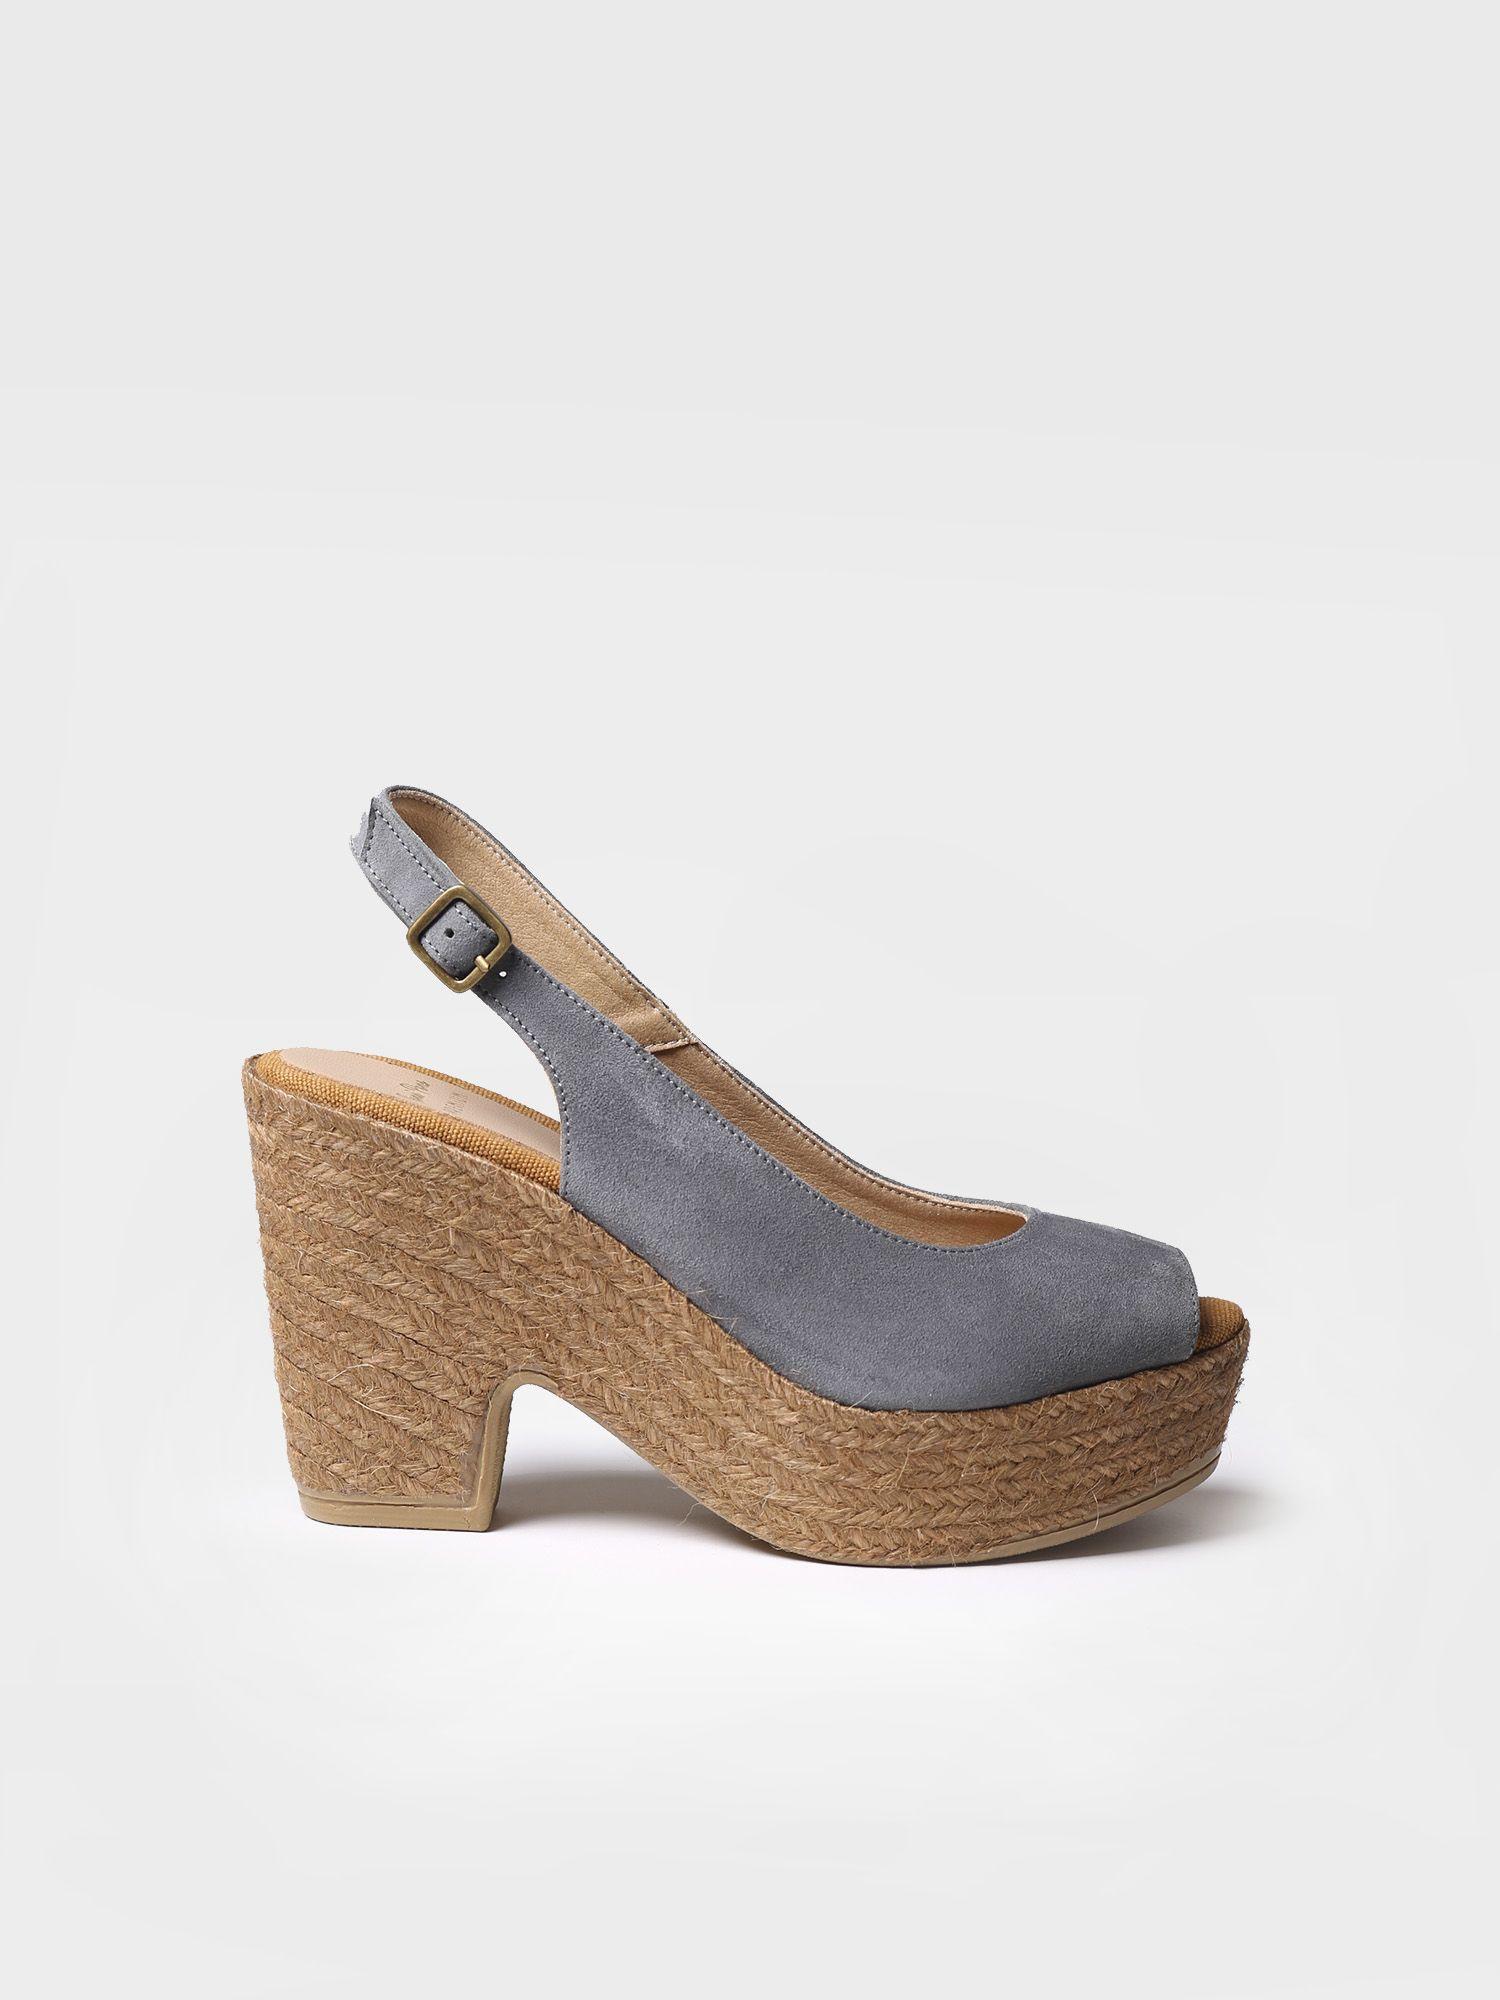 High heel espadrille - PUA-A